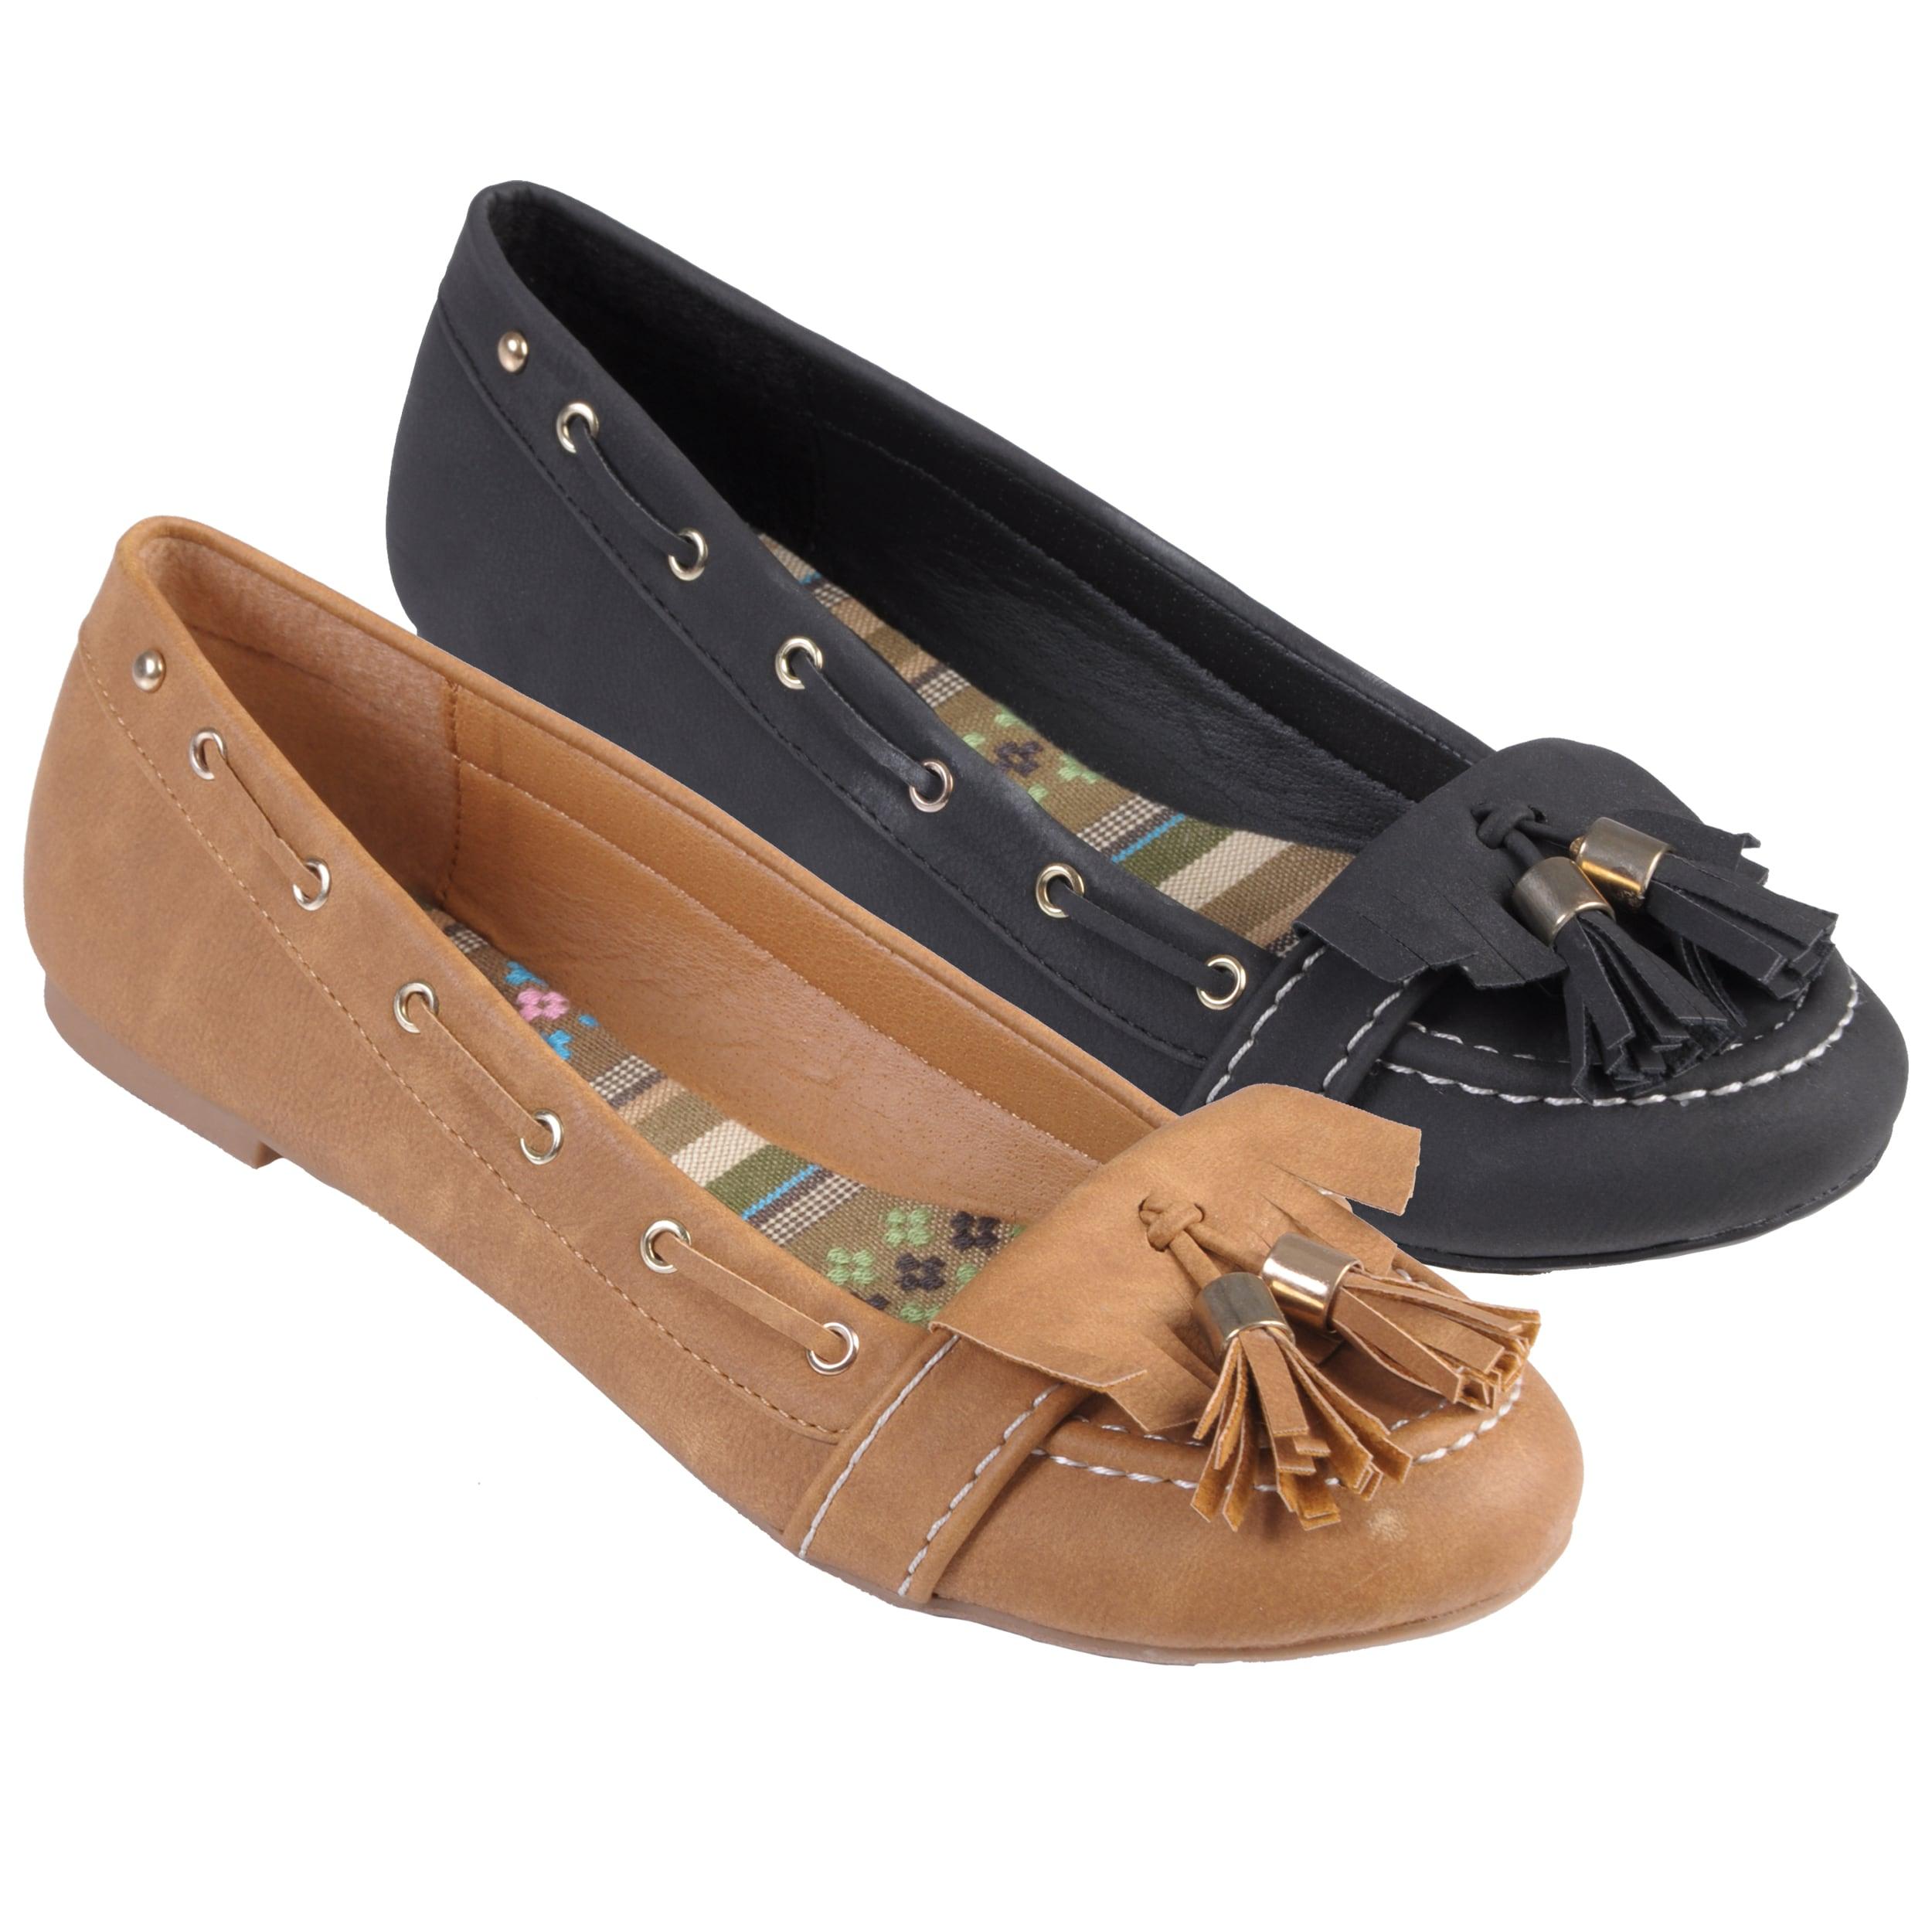 Journee Collection Women's 'SAPPHIRE-31' Tasseled Slip-on Flats